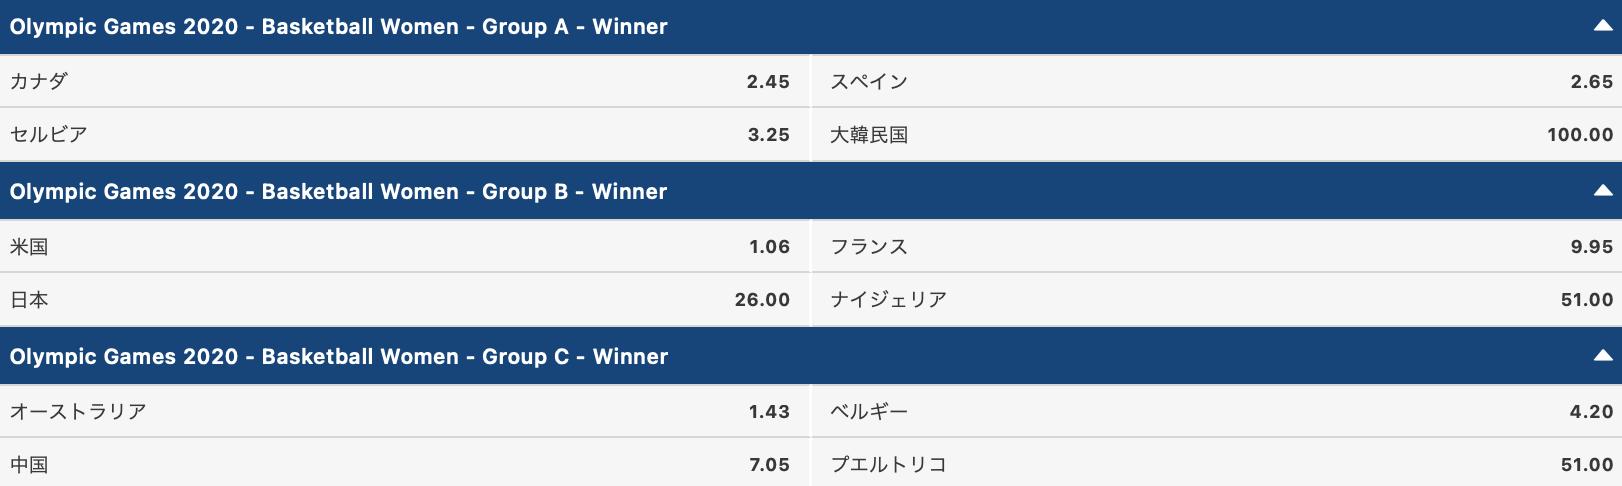 2020東京オリンピック女子バスケットボール・グループABC勝者予想